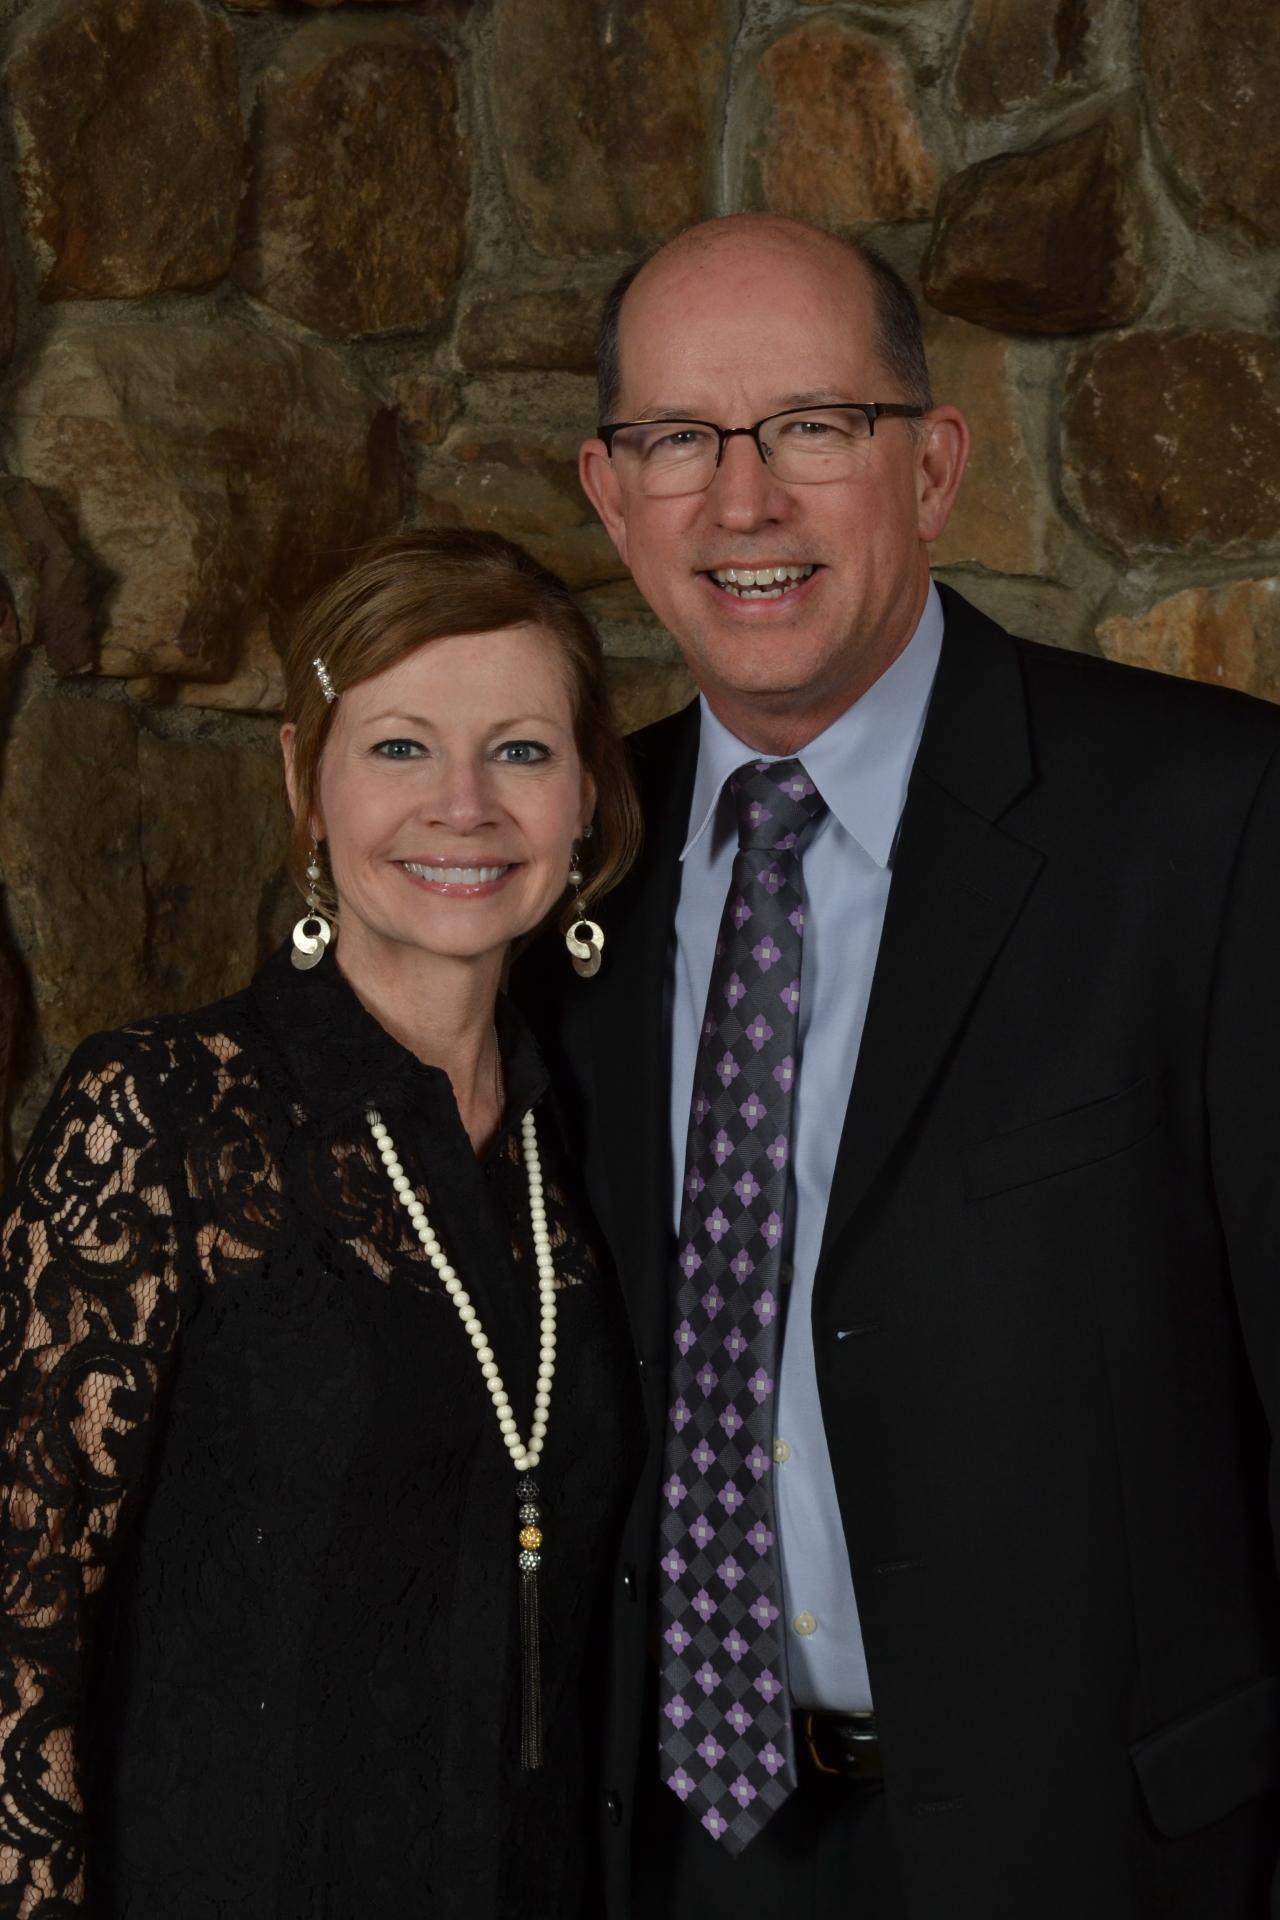 Brenda and Jim